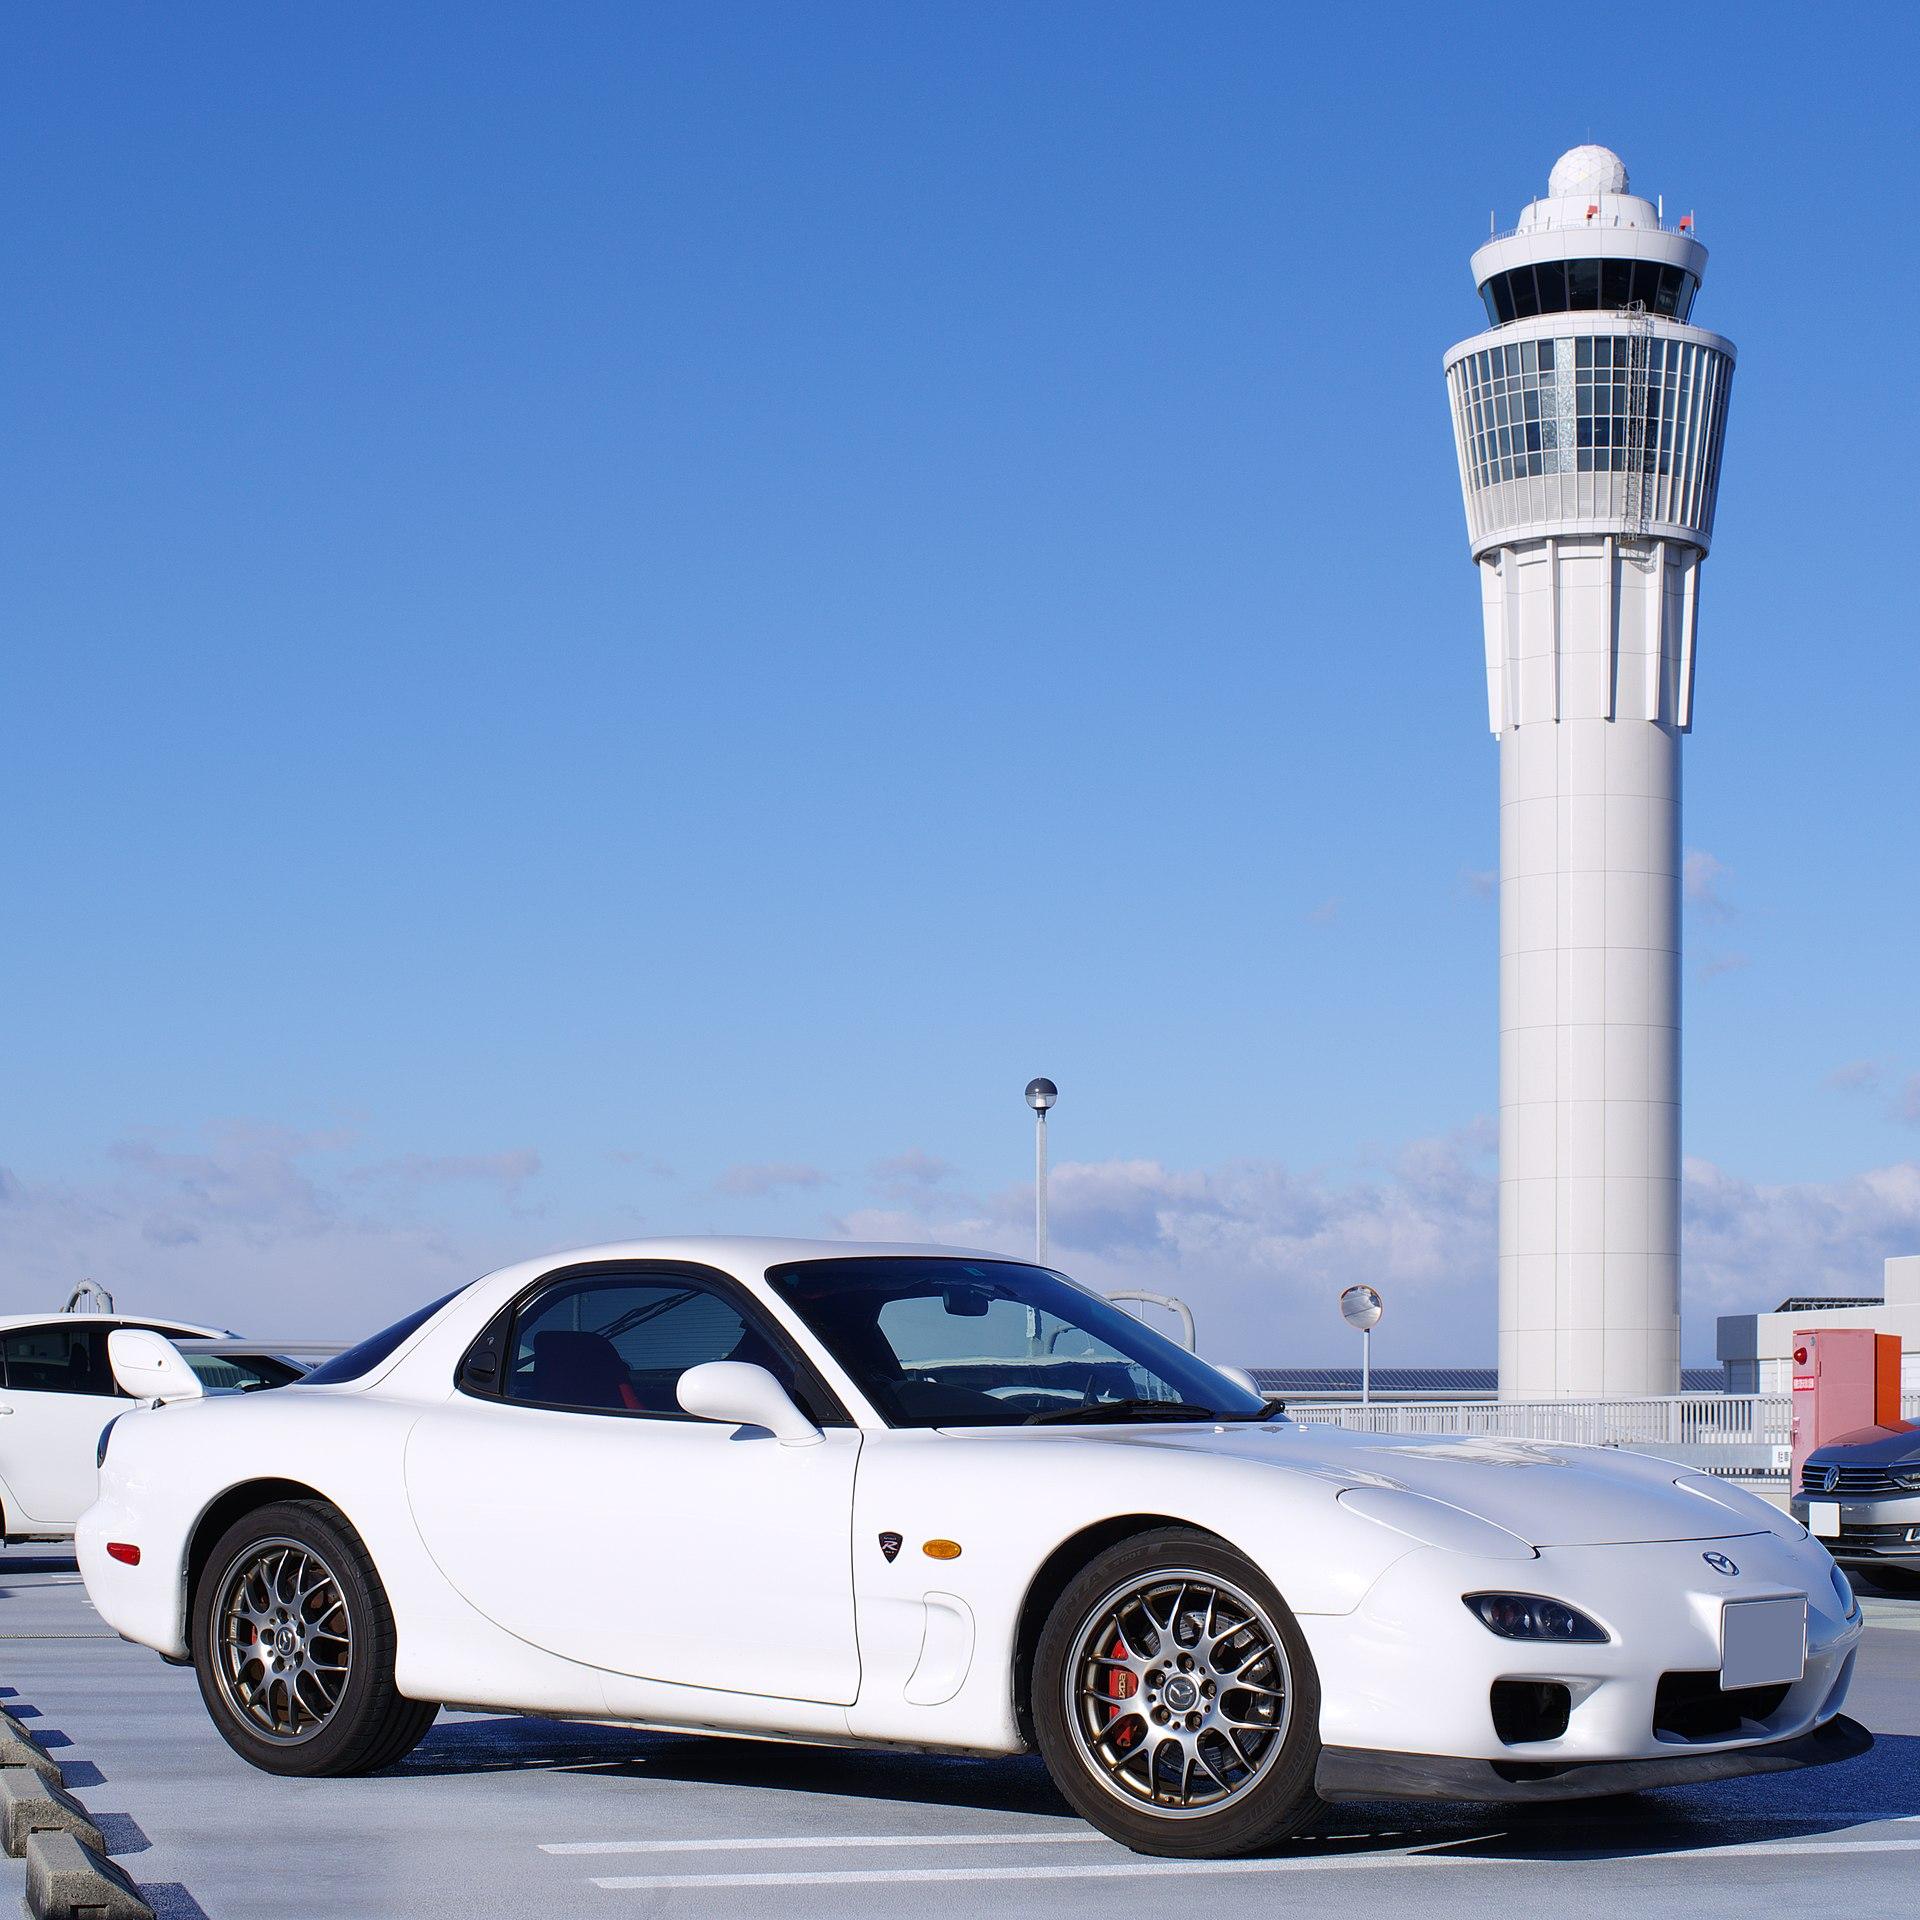 Også det Japanske markedet fikk mange OEM BBS-hjul, for eksempel Mazda Rx7. Her en 2002-modell. Bilde: Wiki Commons.